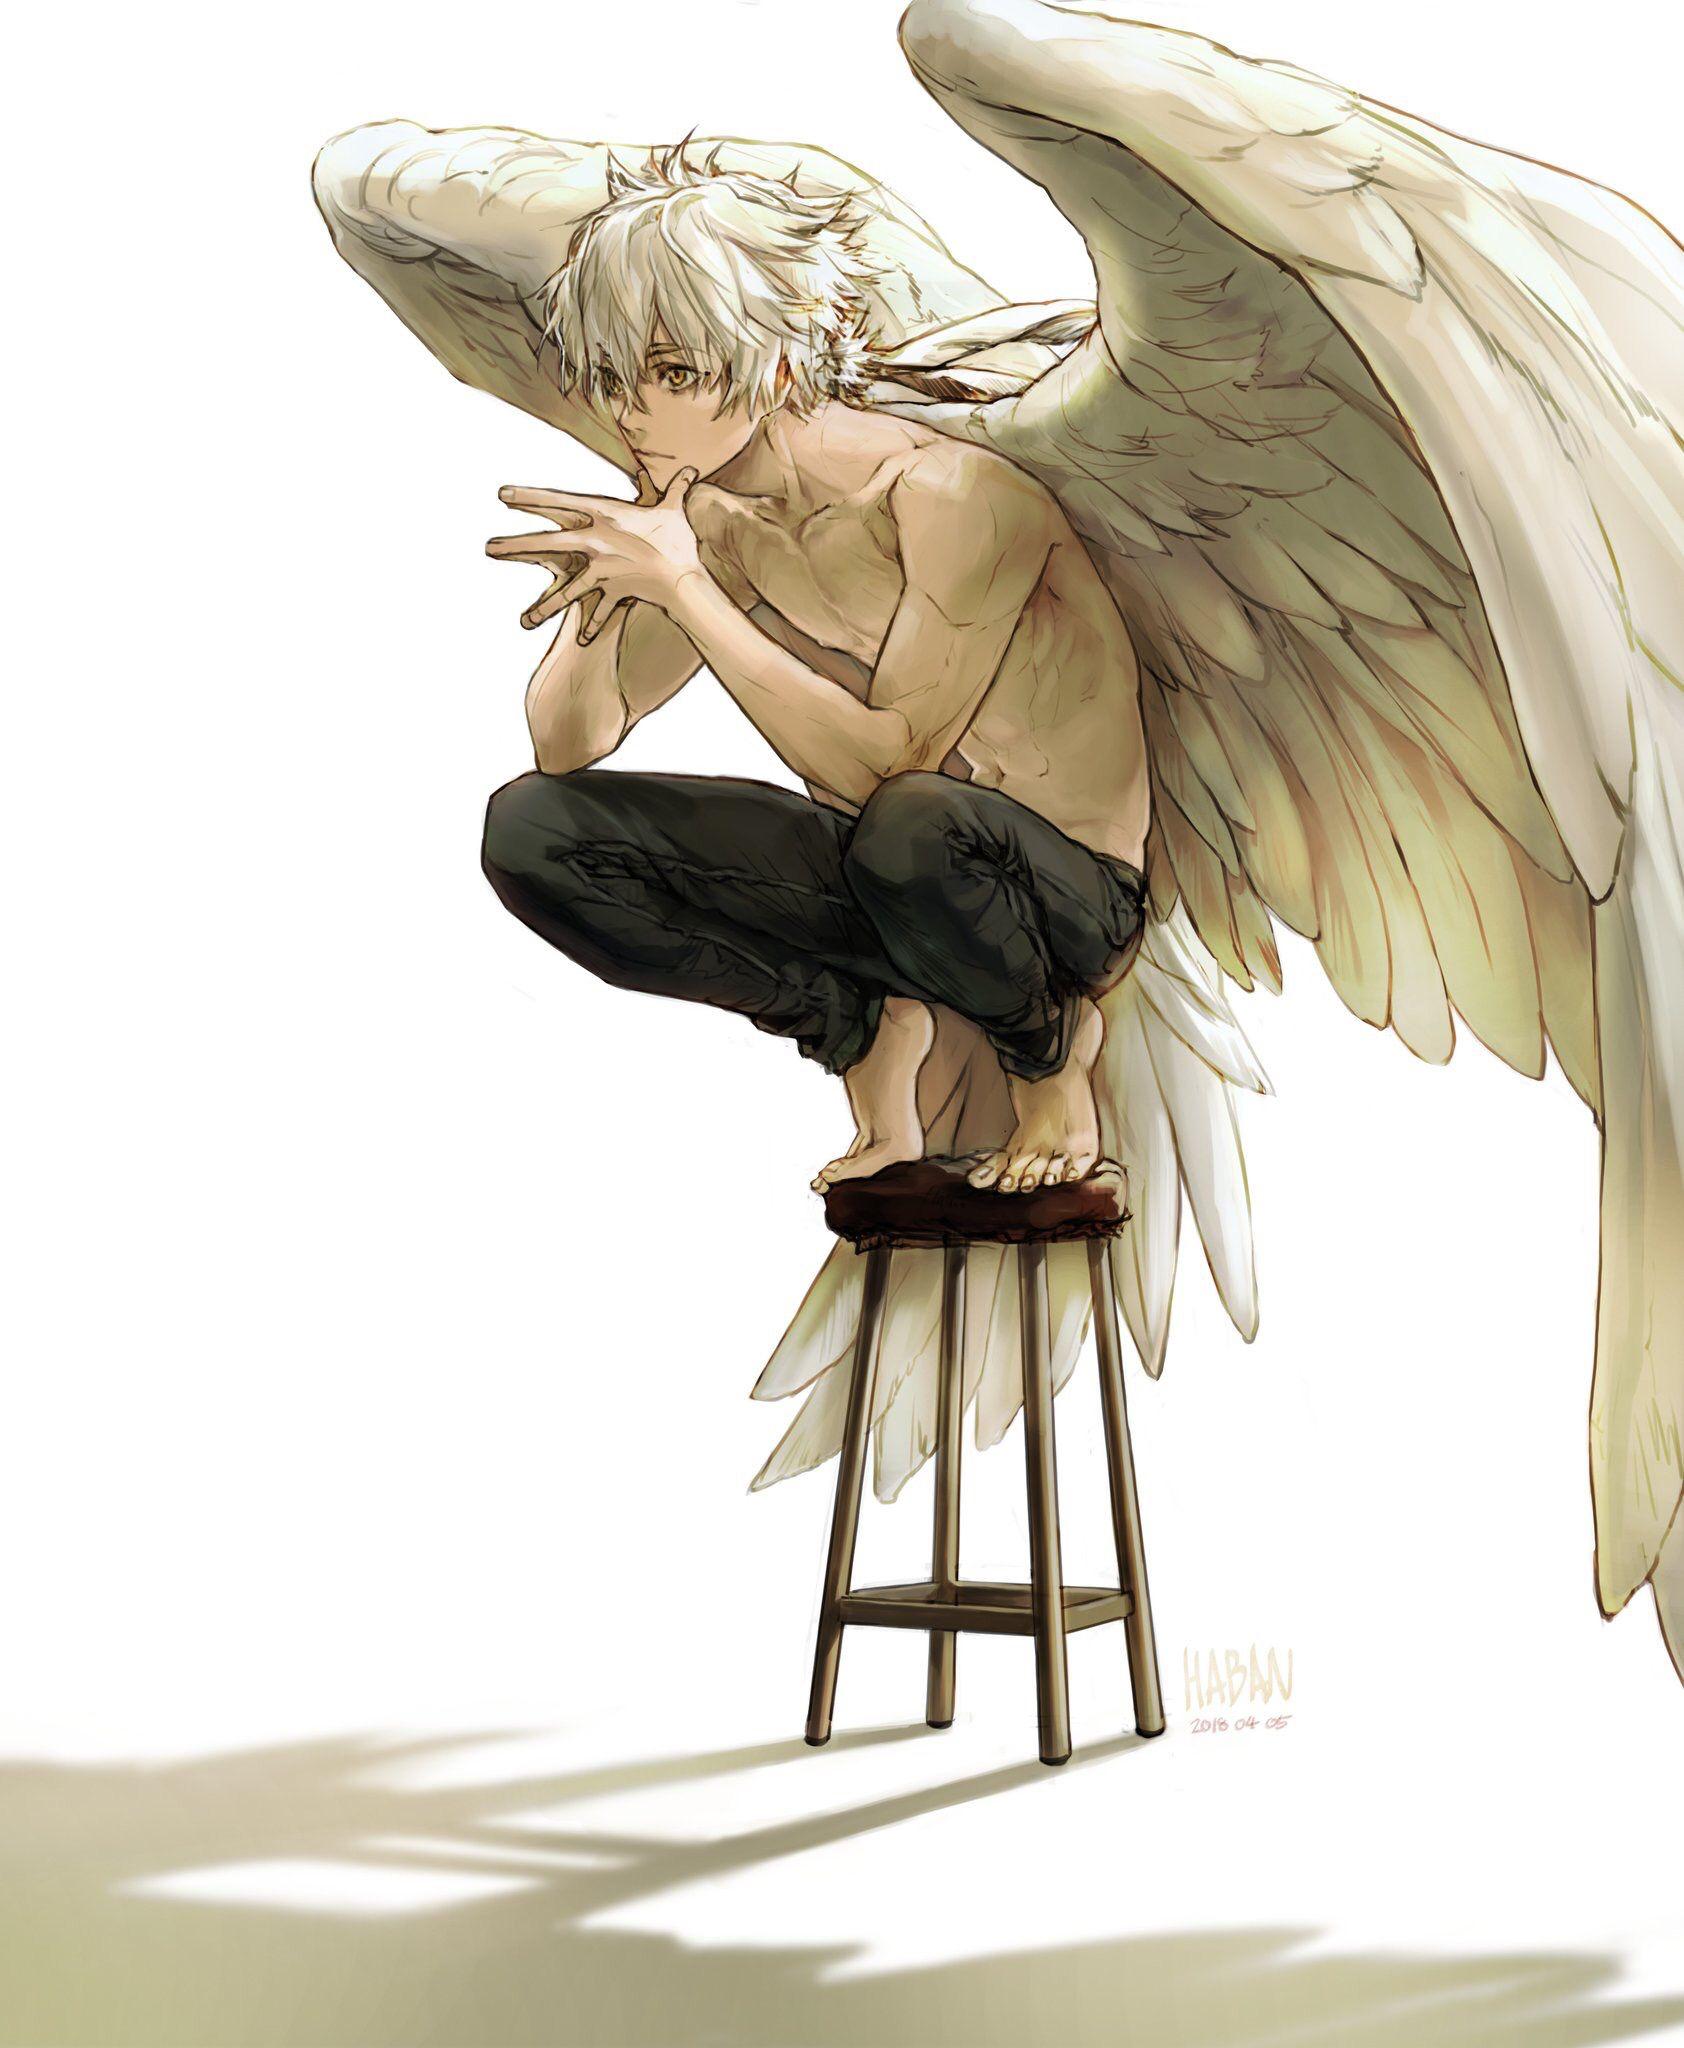 Арт демона аниме (6)